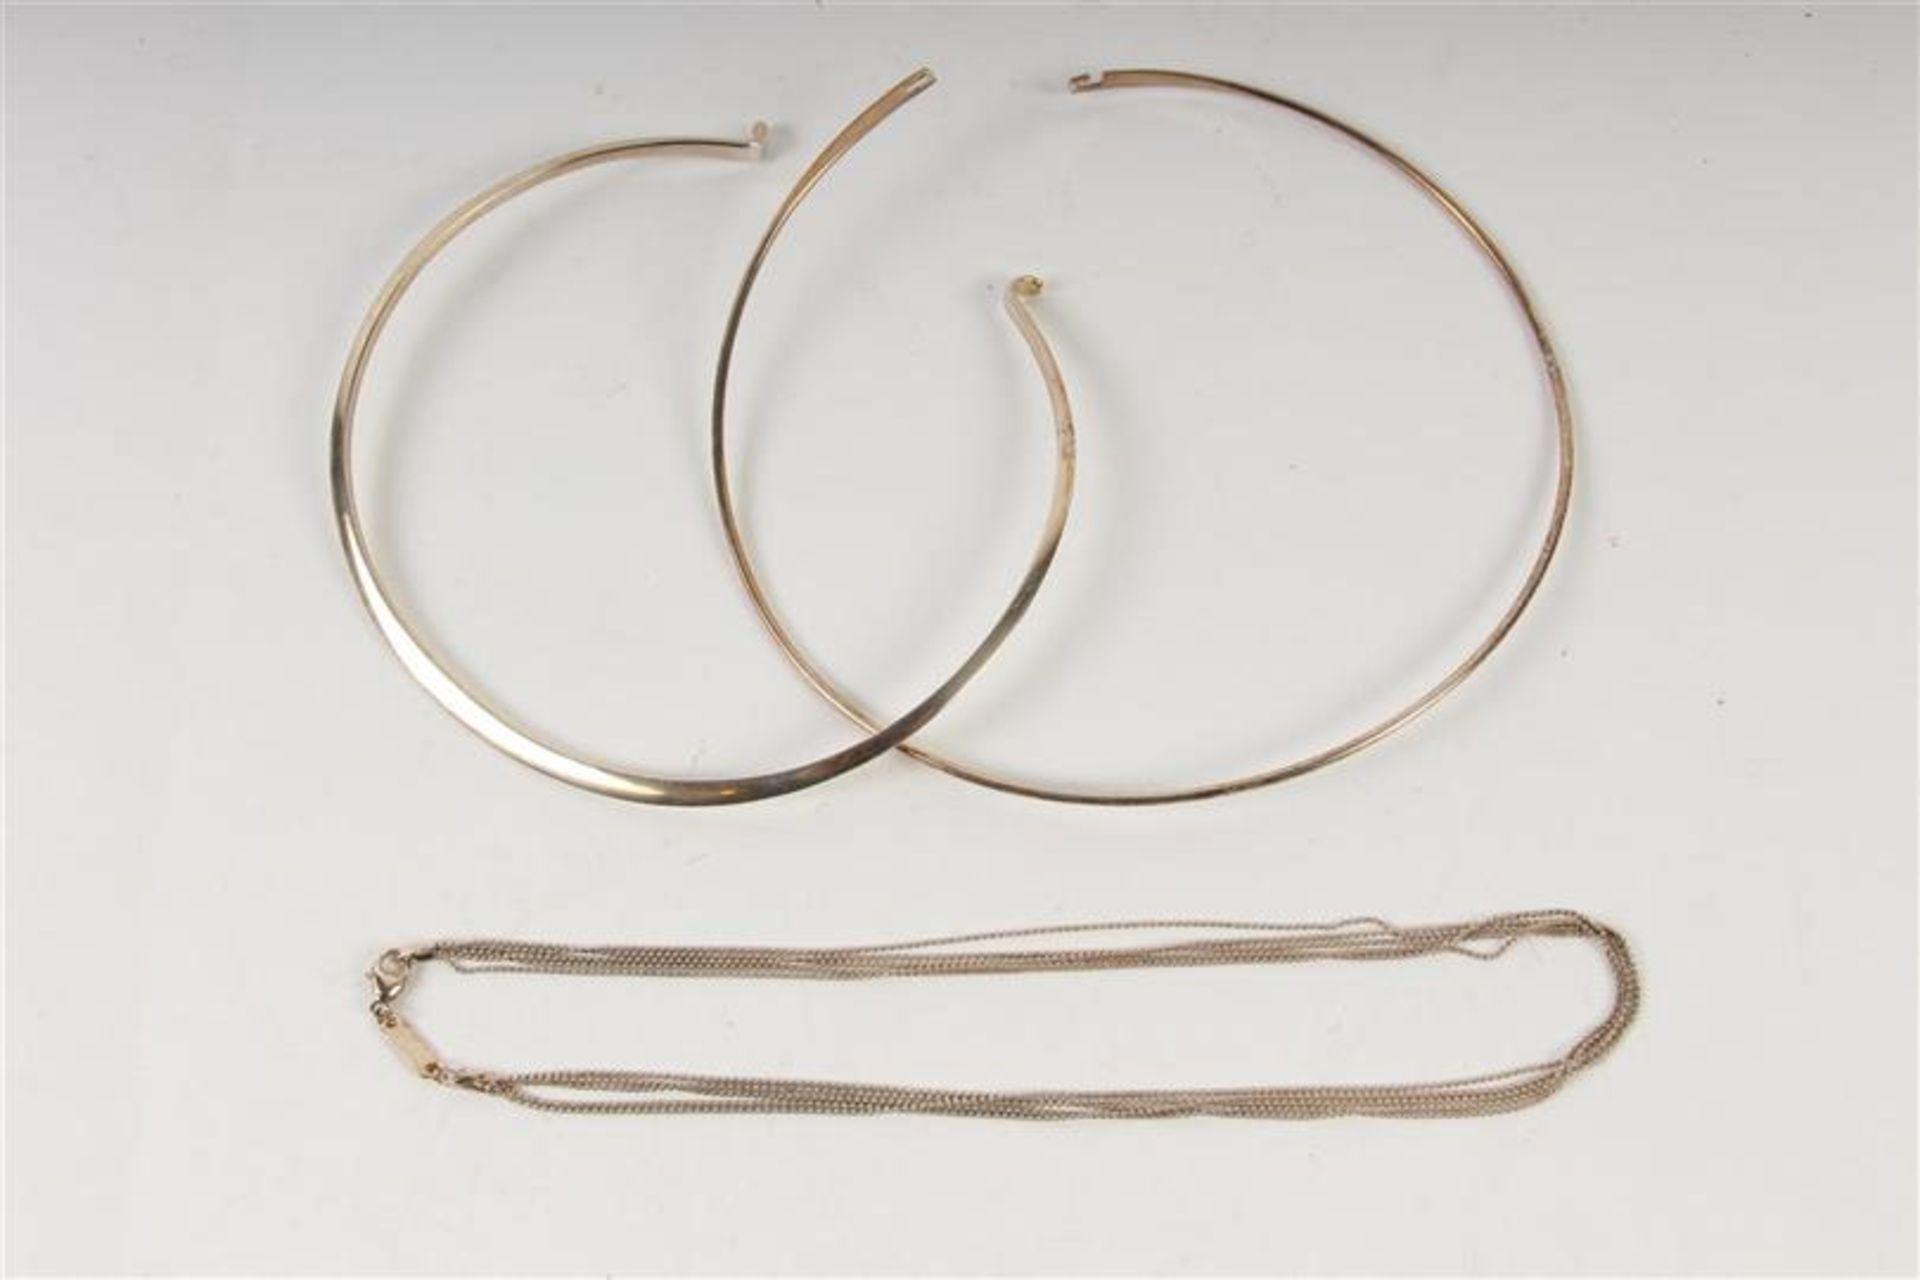 Vier zilveren colliers. Gewicht: 56 g. - Bild 3 aus 3